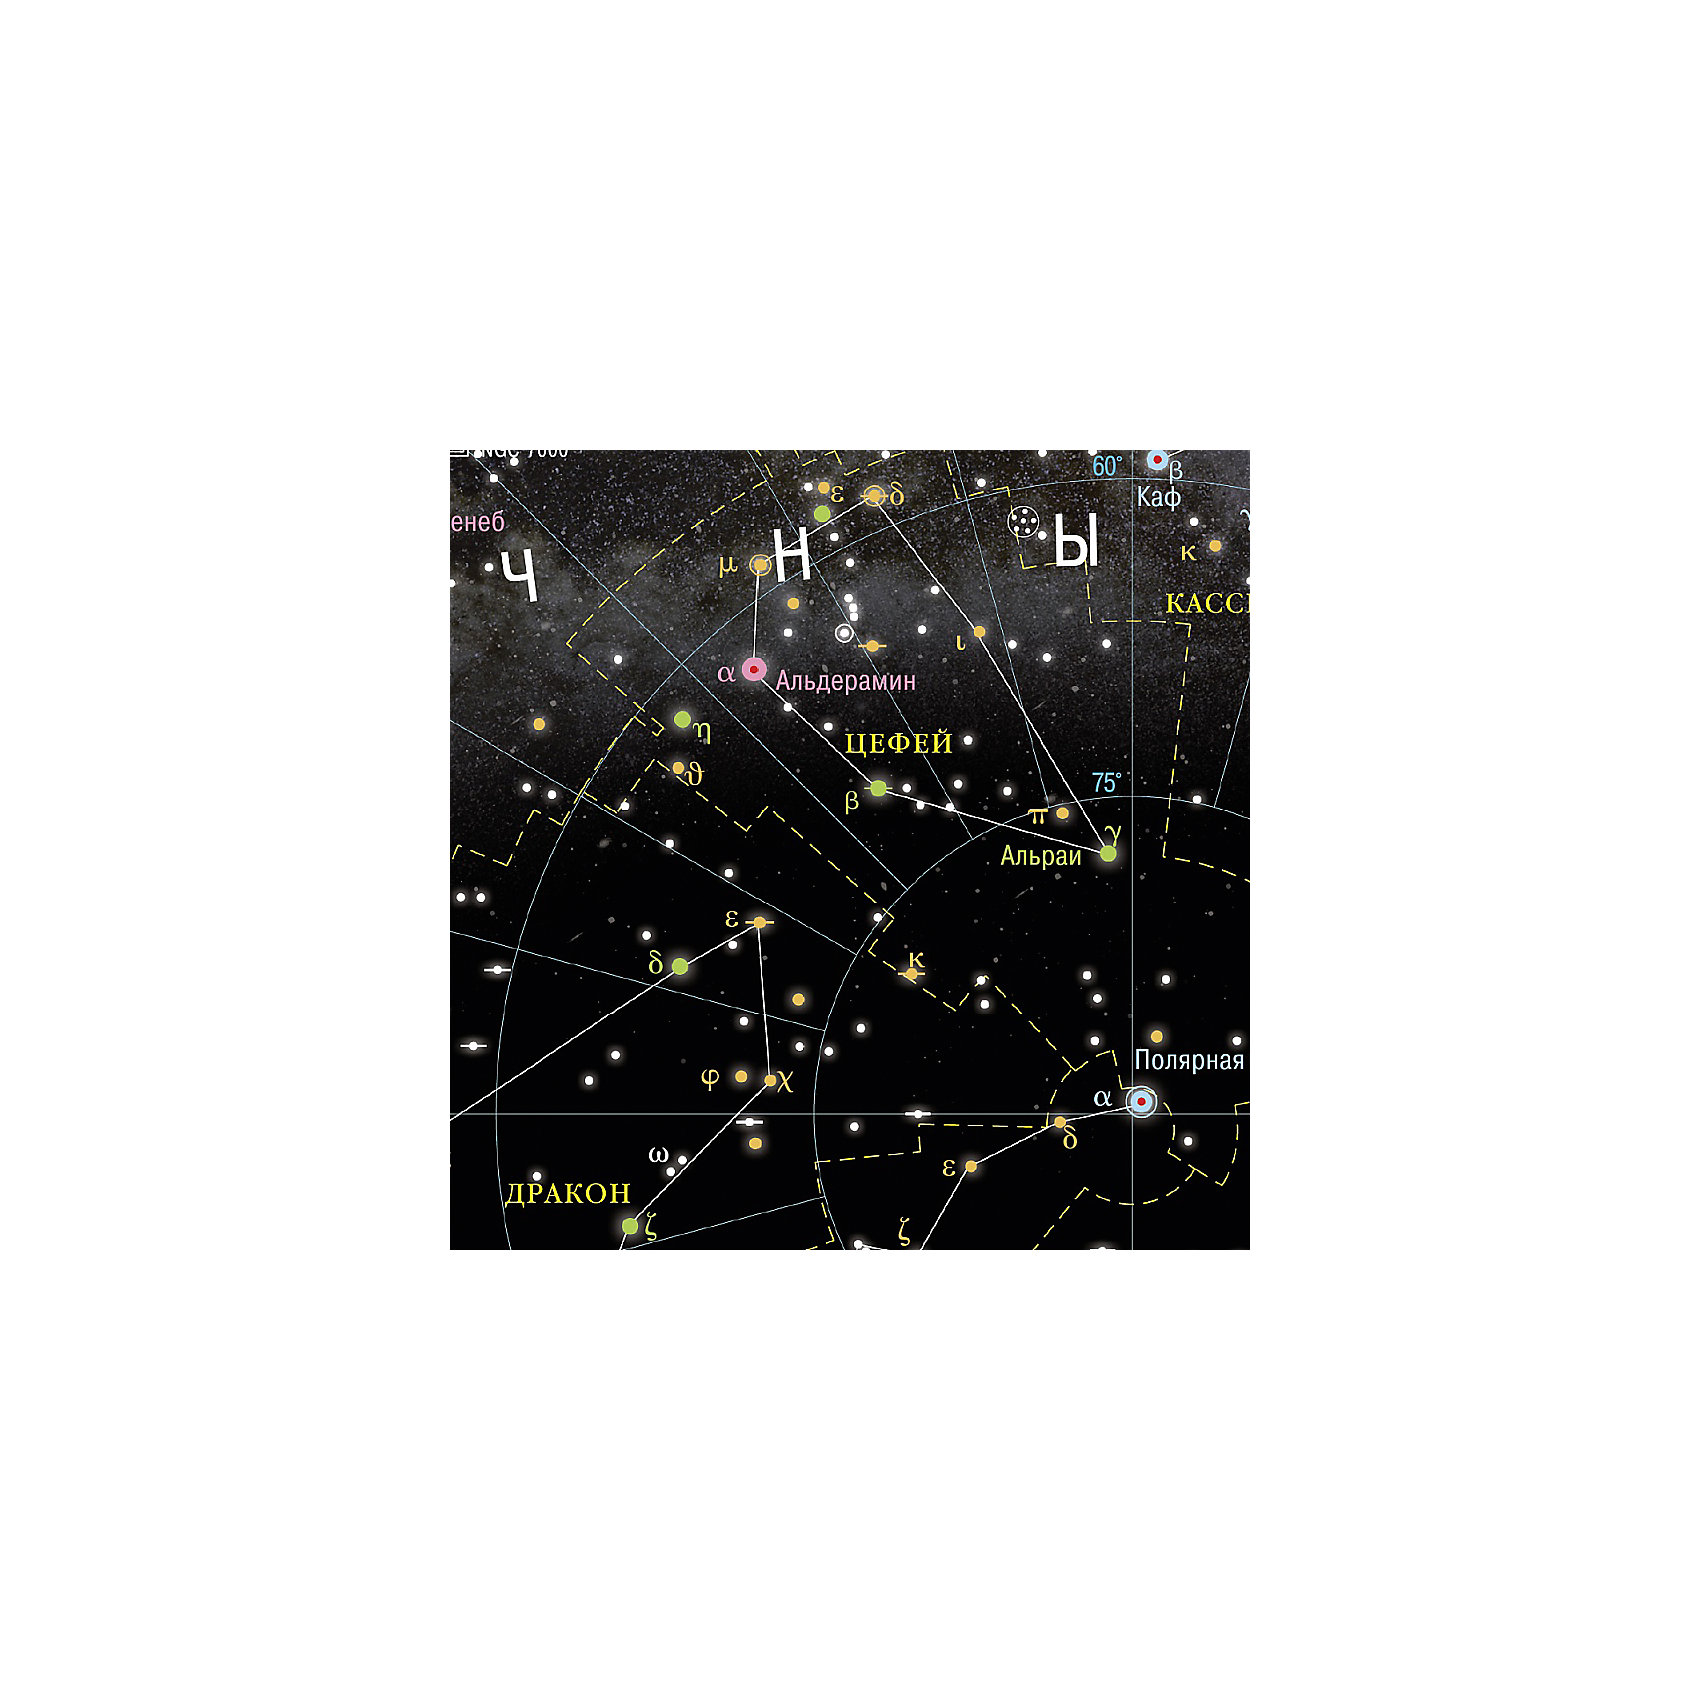 """Настенная карта """"Звездное небо, планеты"""" 124*80 см, ламинированная от myToys"""